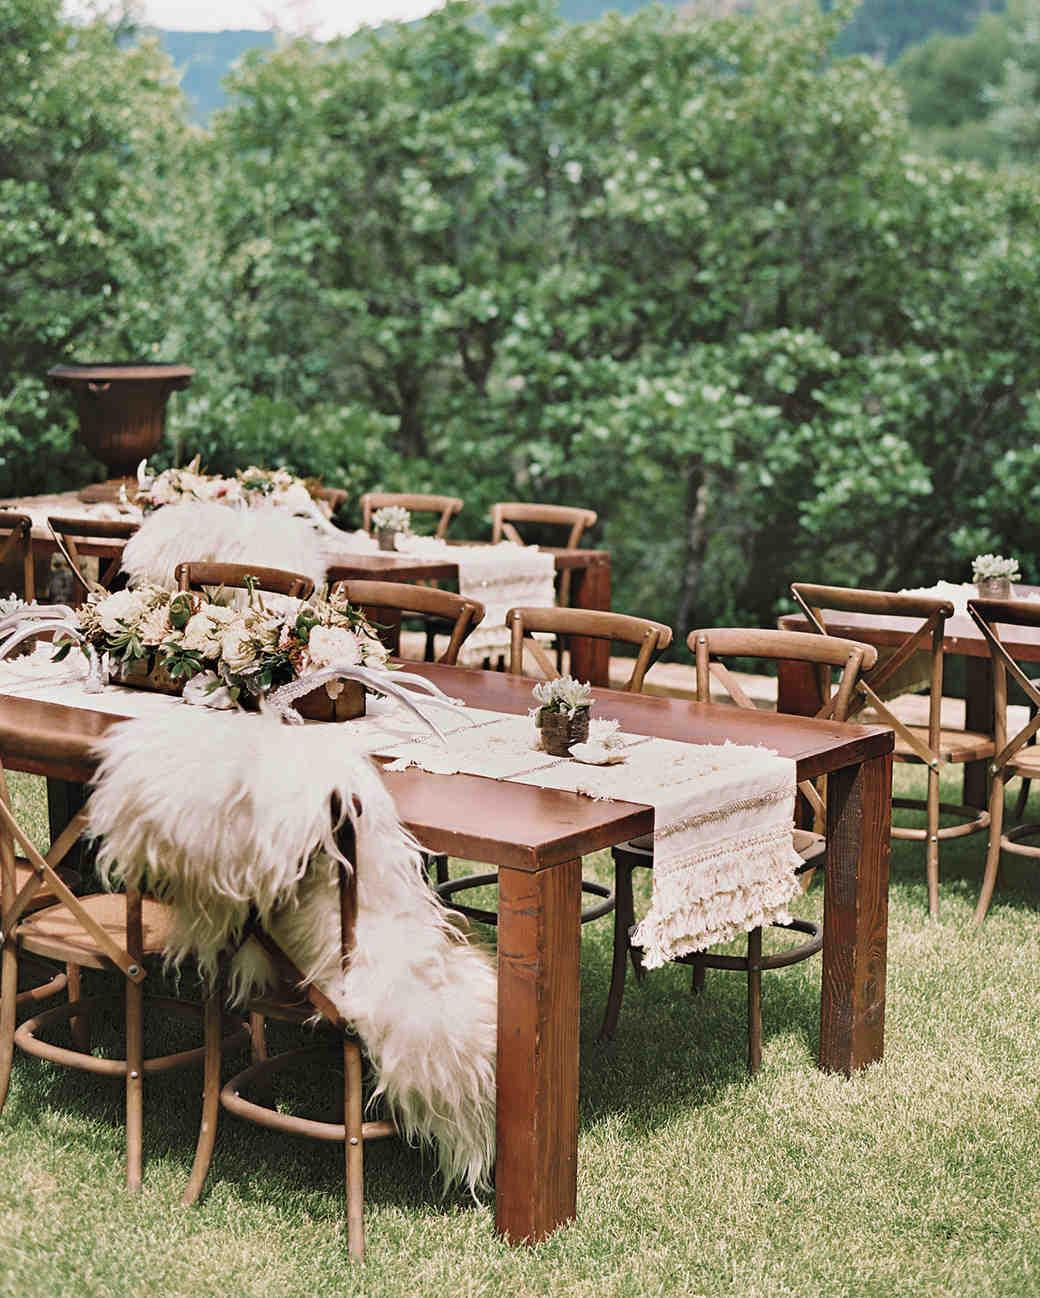 veronica-daniel-wedding-welcome-party-aspen-19-s112050.jpg